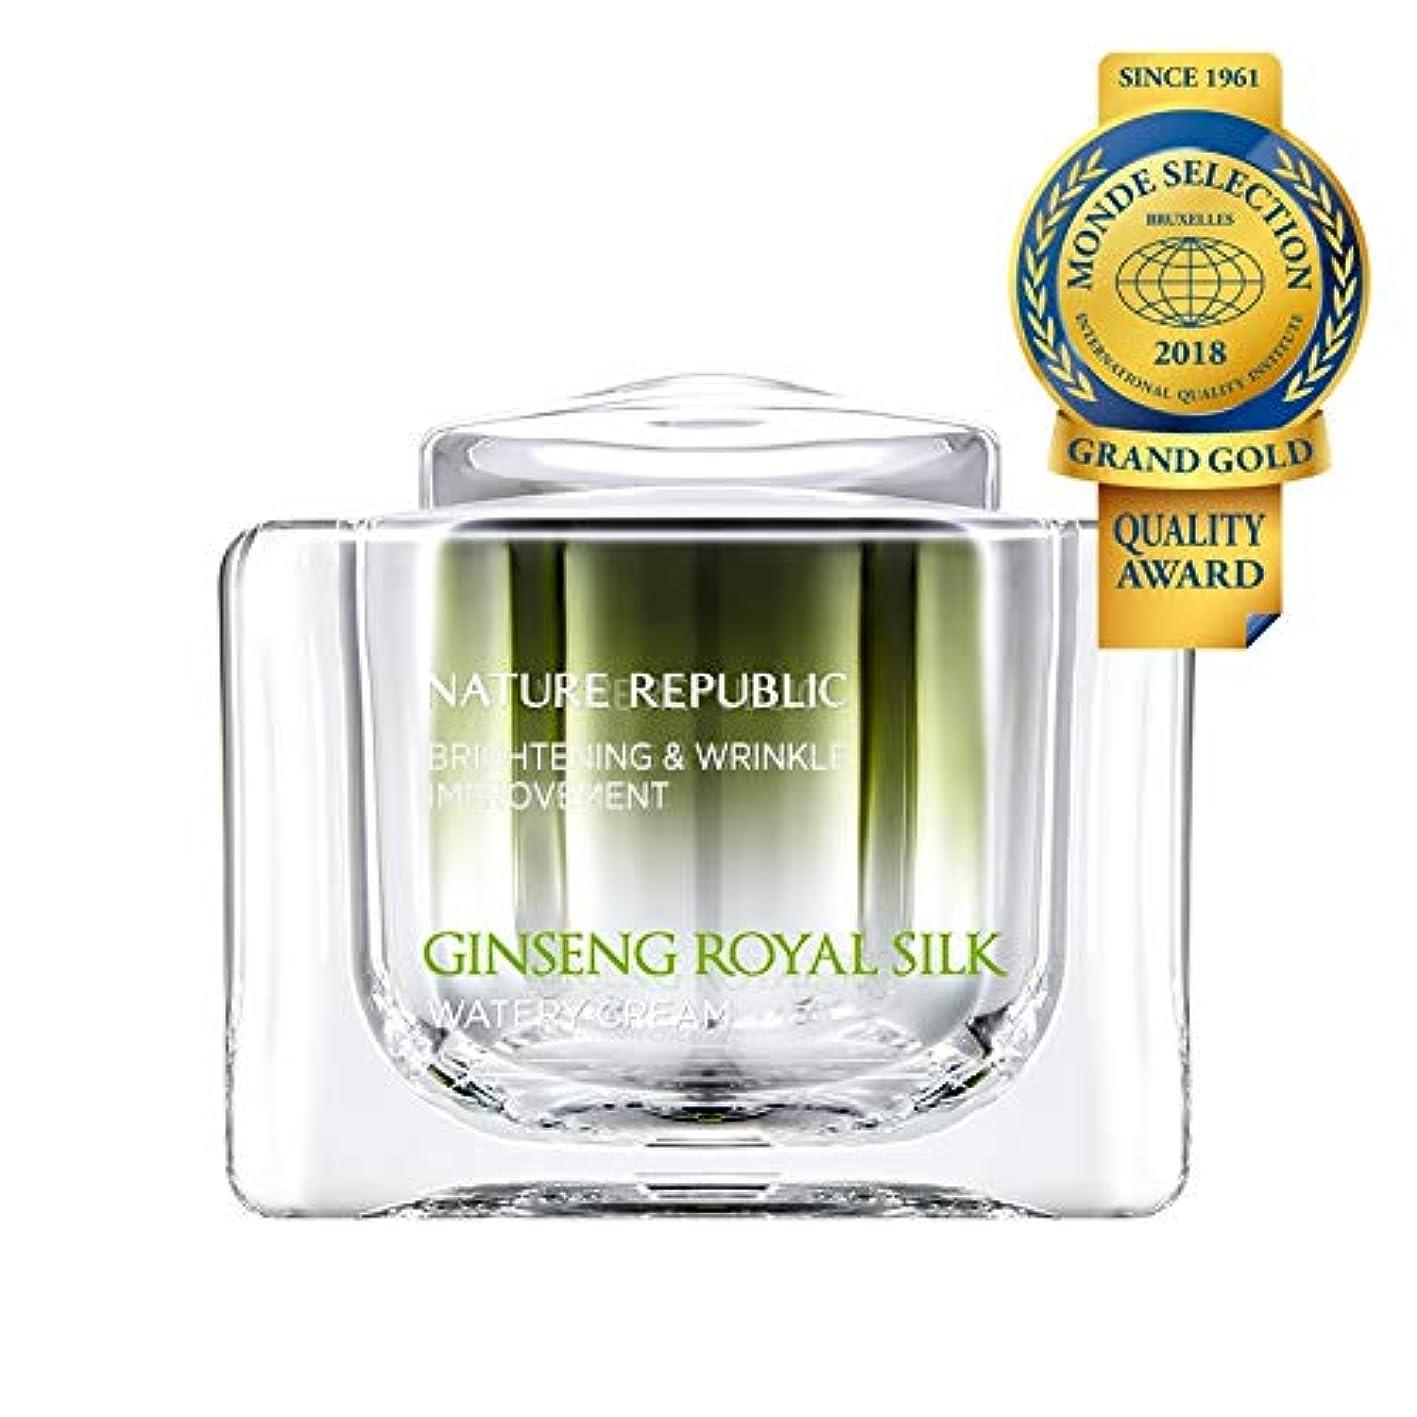 コンパニオンペレグリネーション許可ネイチャーリパブリック(Nature Republic)ジンセンロイヤルシルクウォーターリークリーム 60g / Ginseng Royal Silk Watery Cream 60g :: 韓国コスメ [並行輸入品]